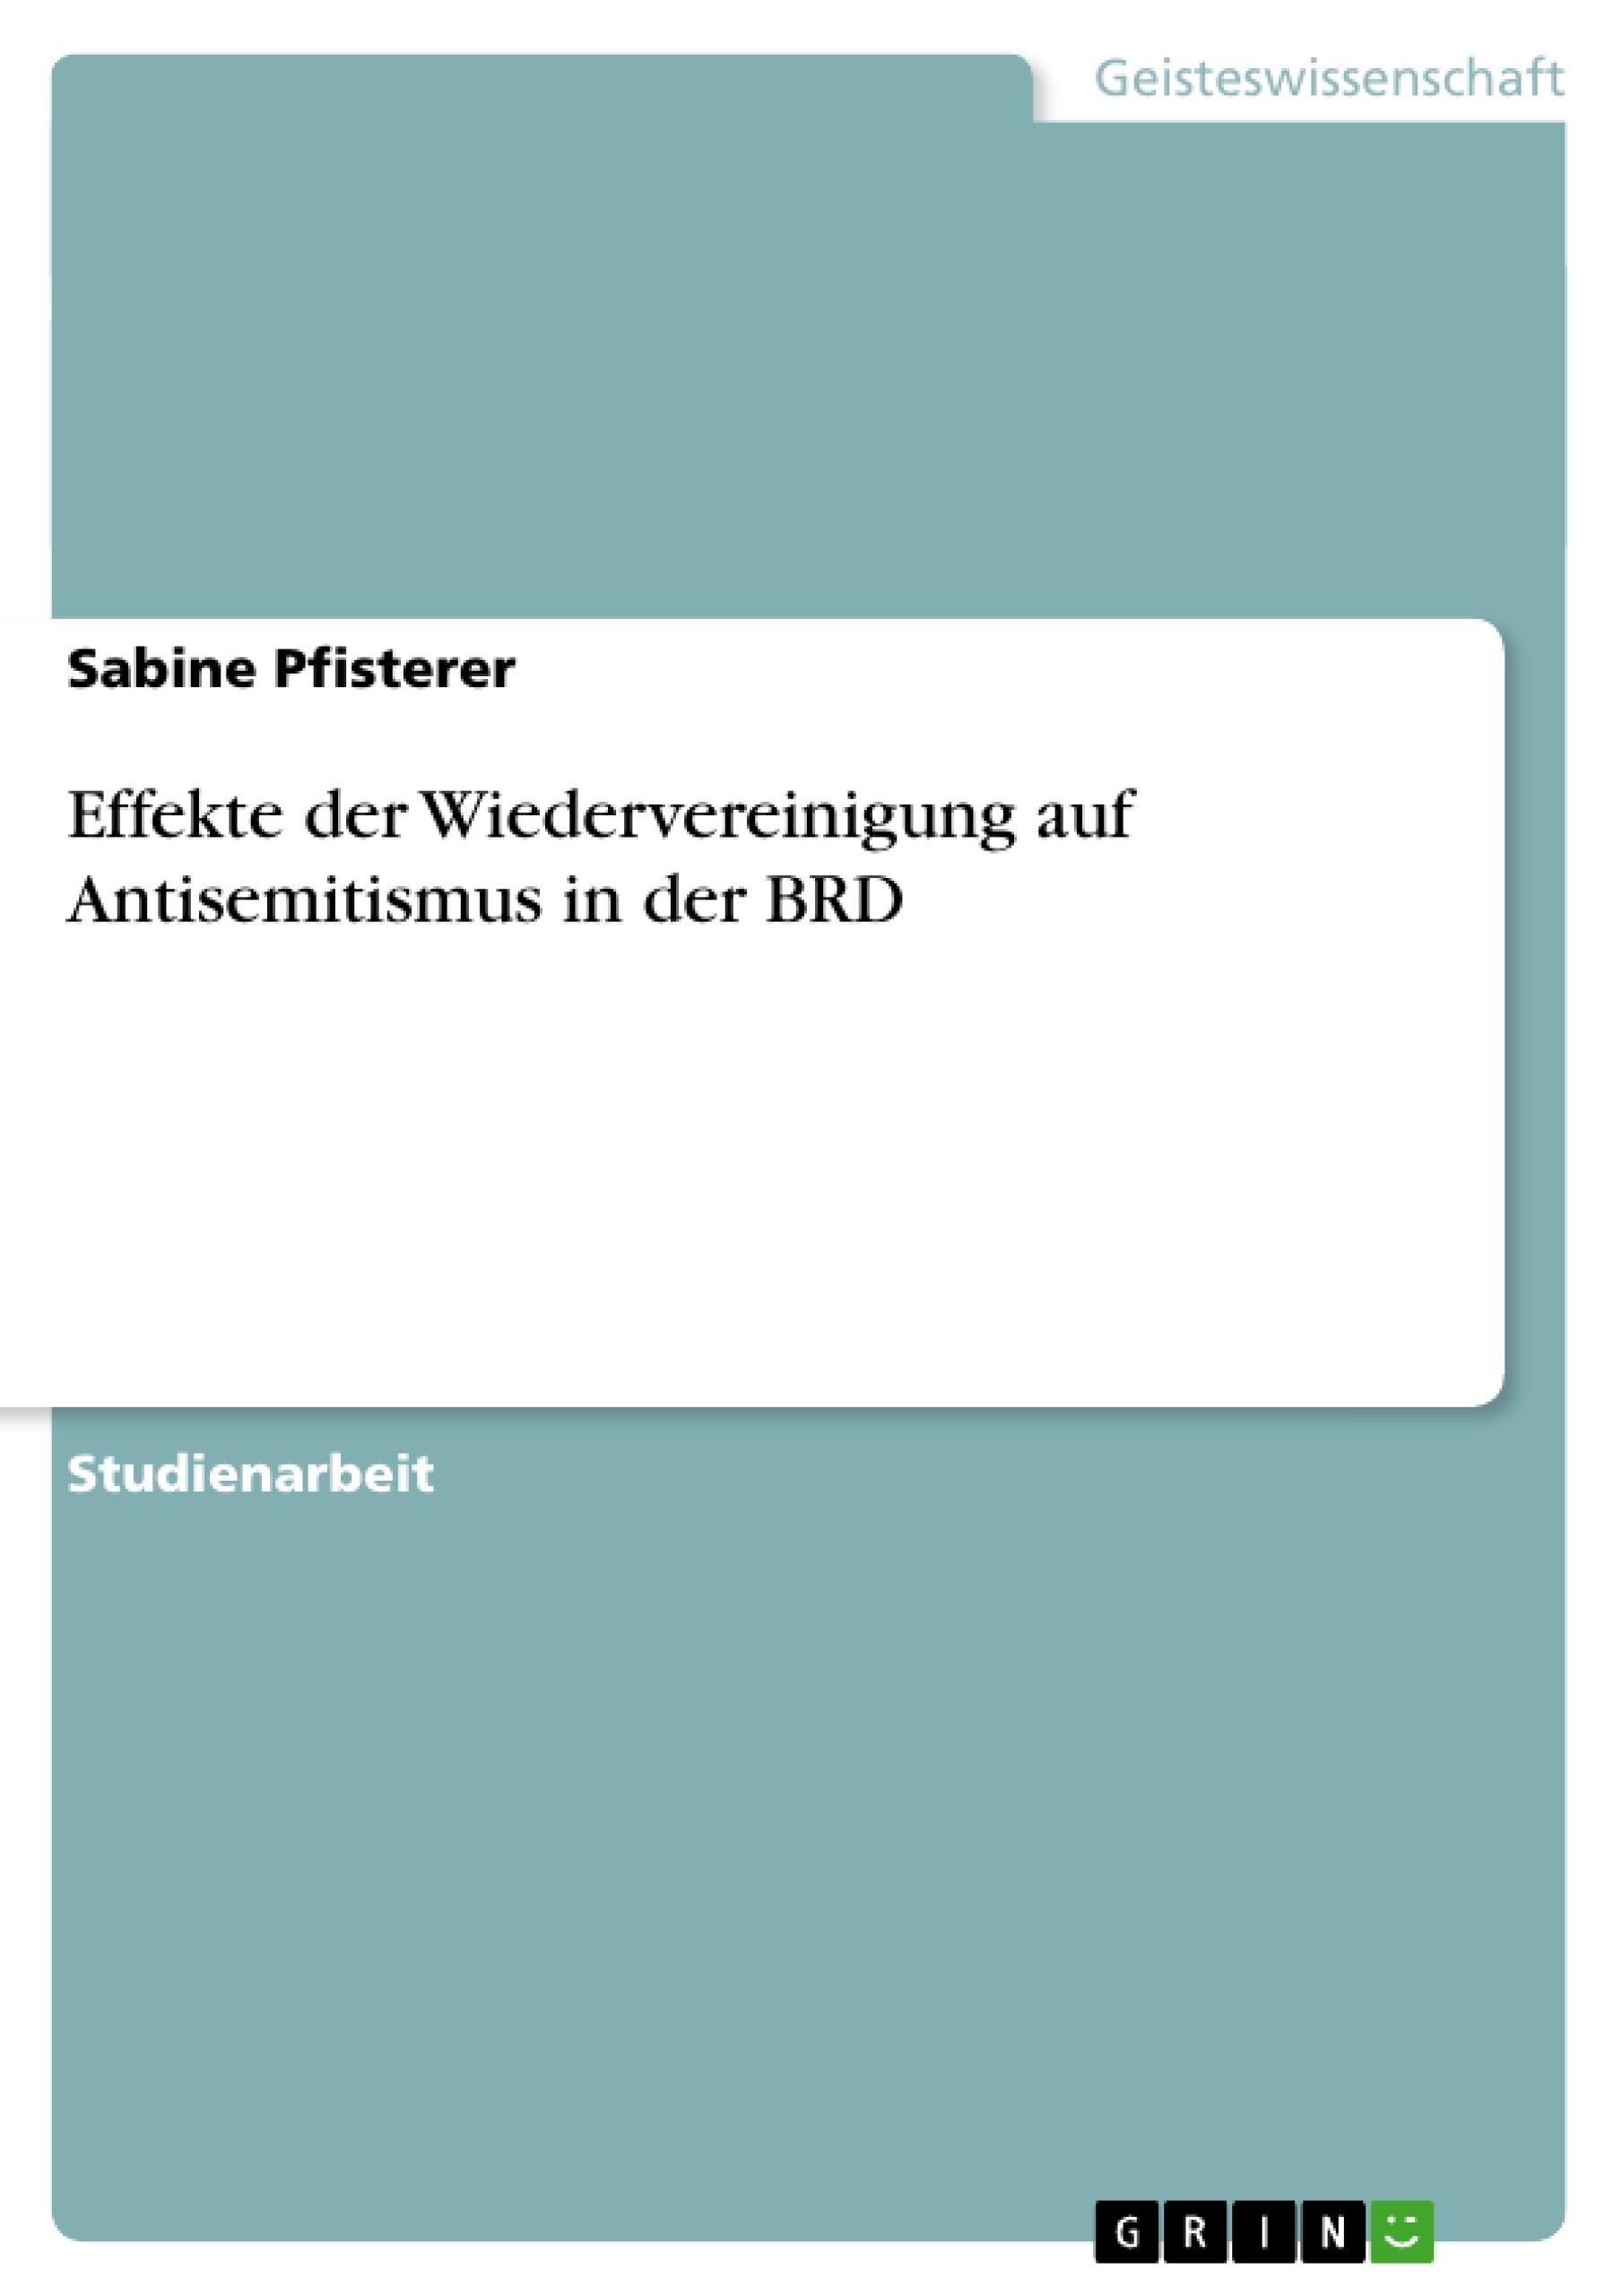 Titel: Effekte der Wiedervereinigung auf Antisemitismus in der BRD